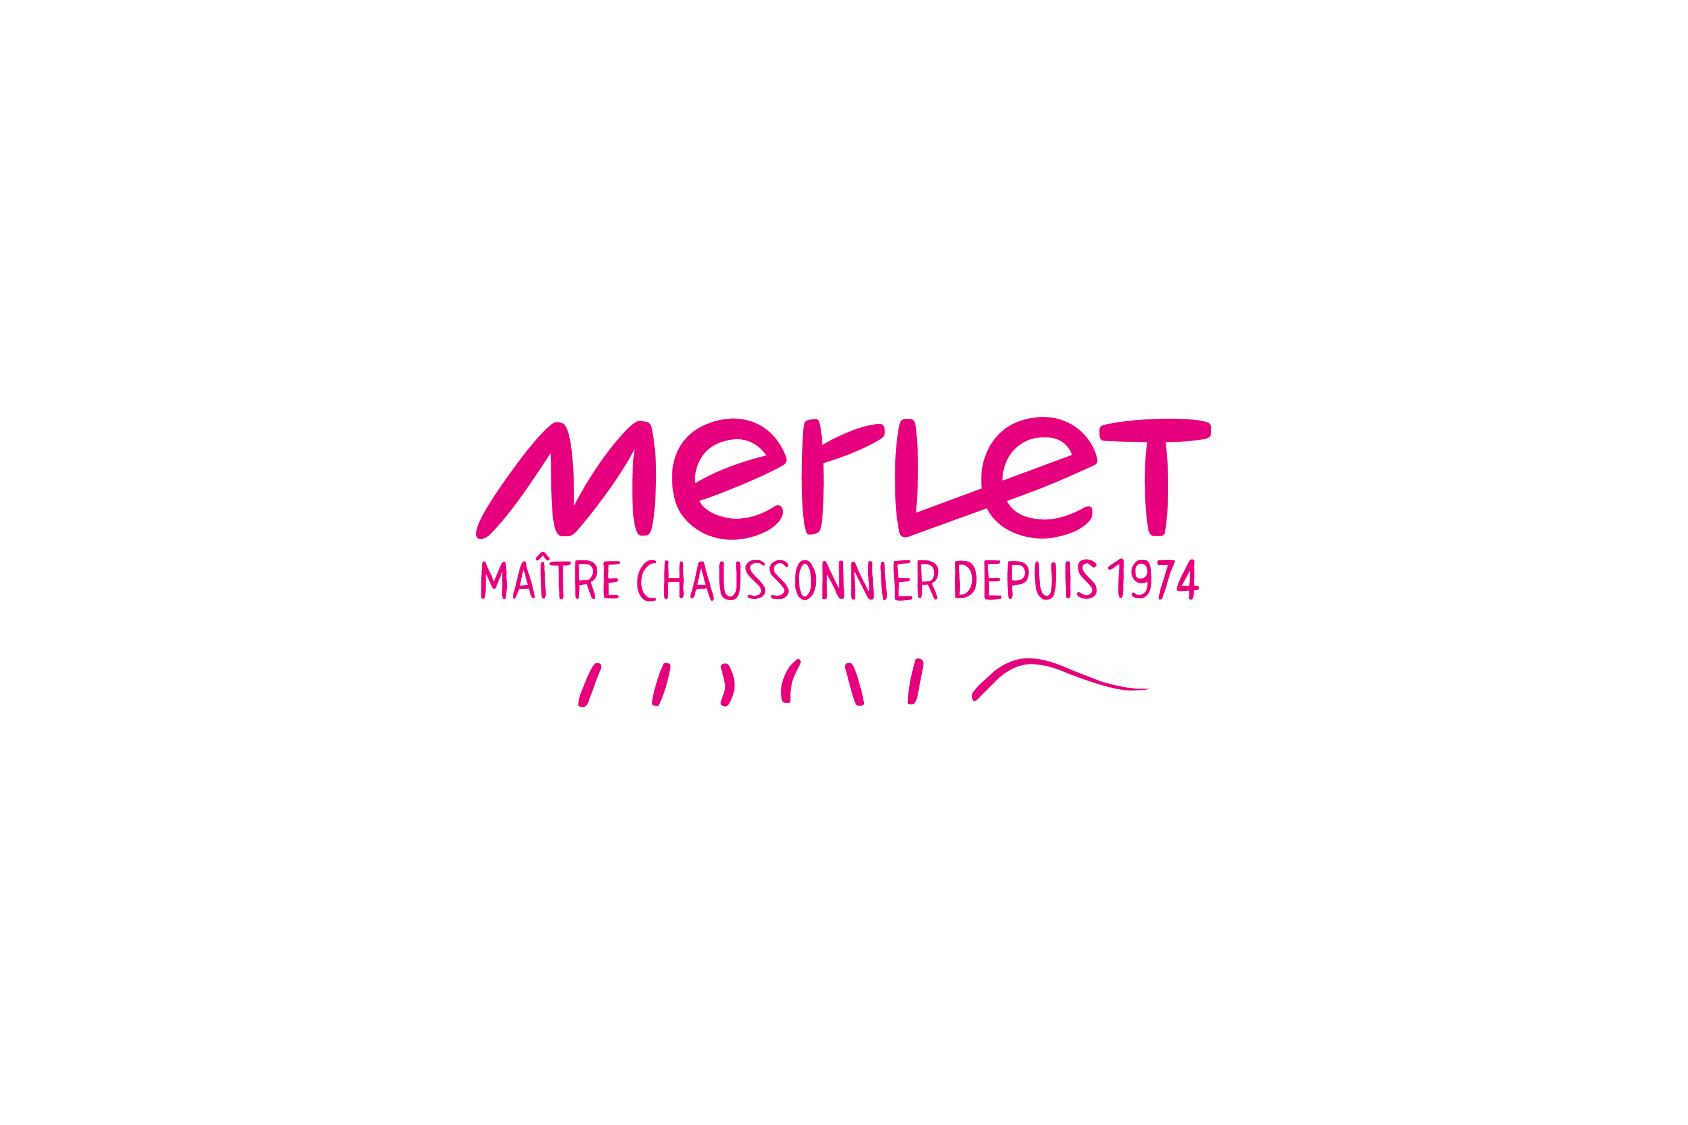 Merlet, le grand chaussonnier français